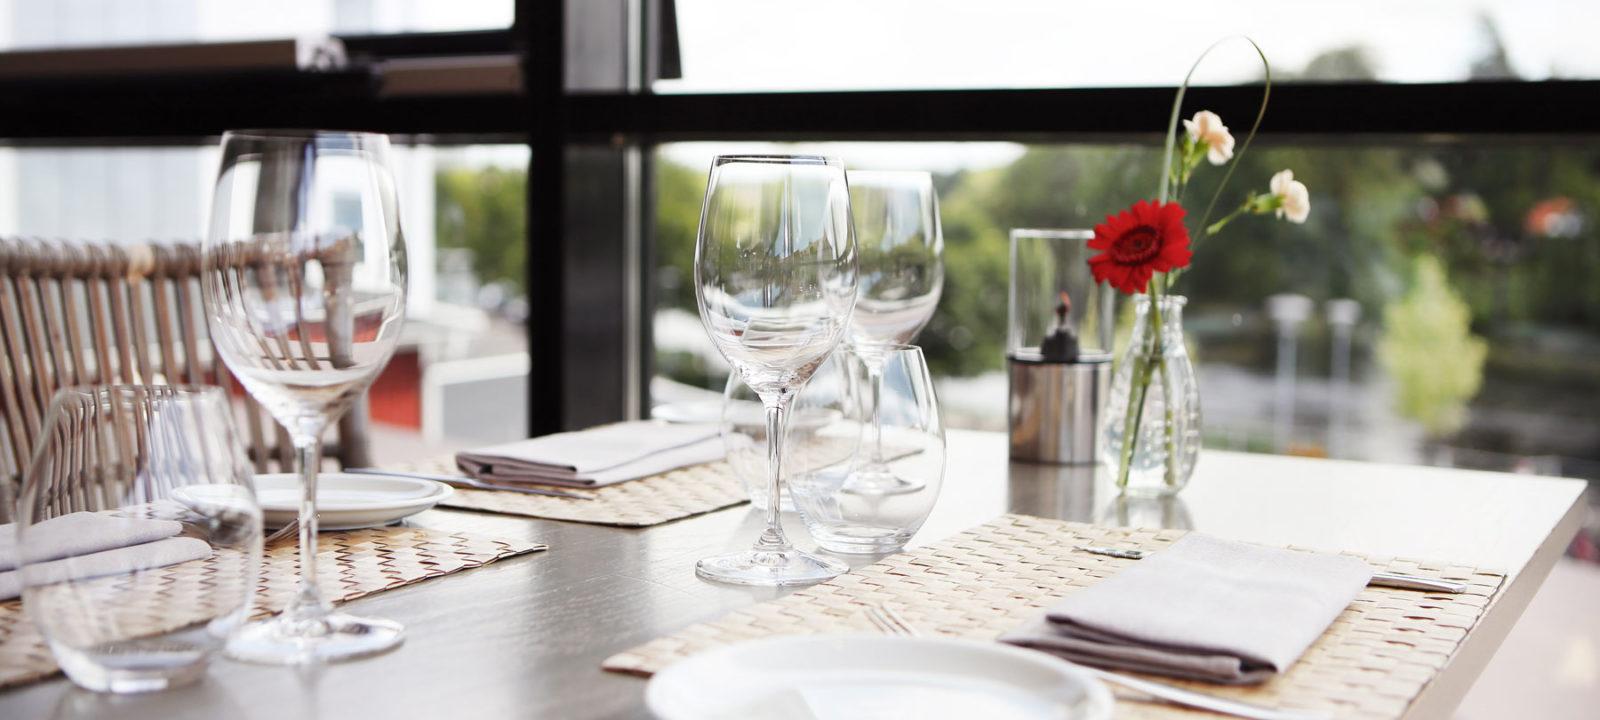 Restaurang Gustaf Bratt i Falkenberg